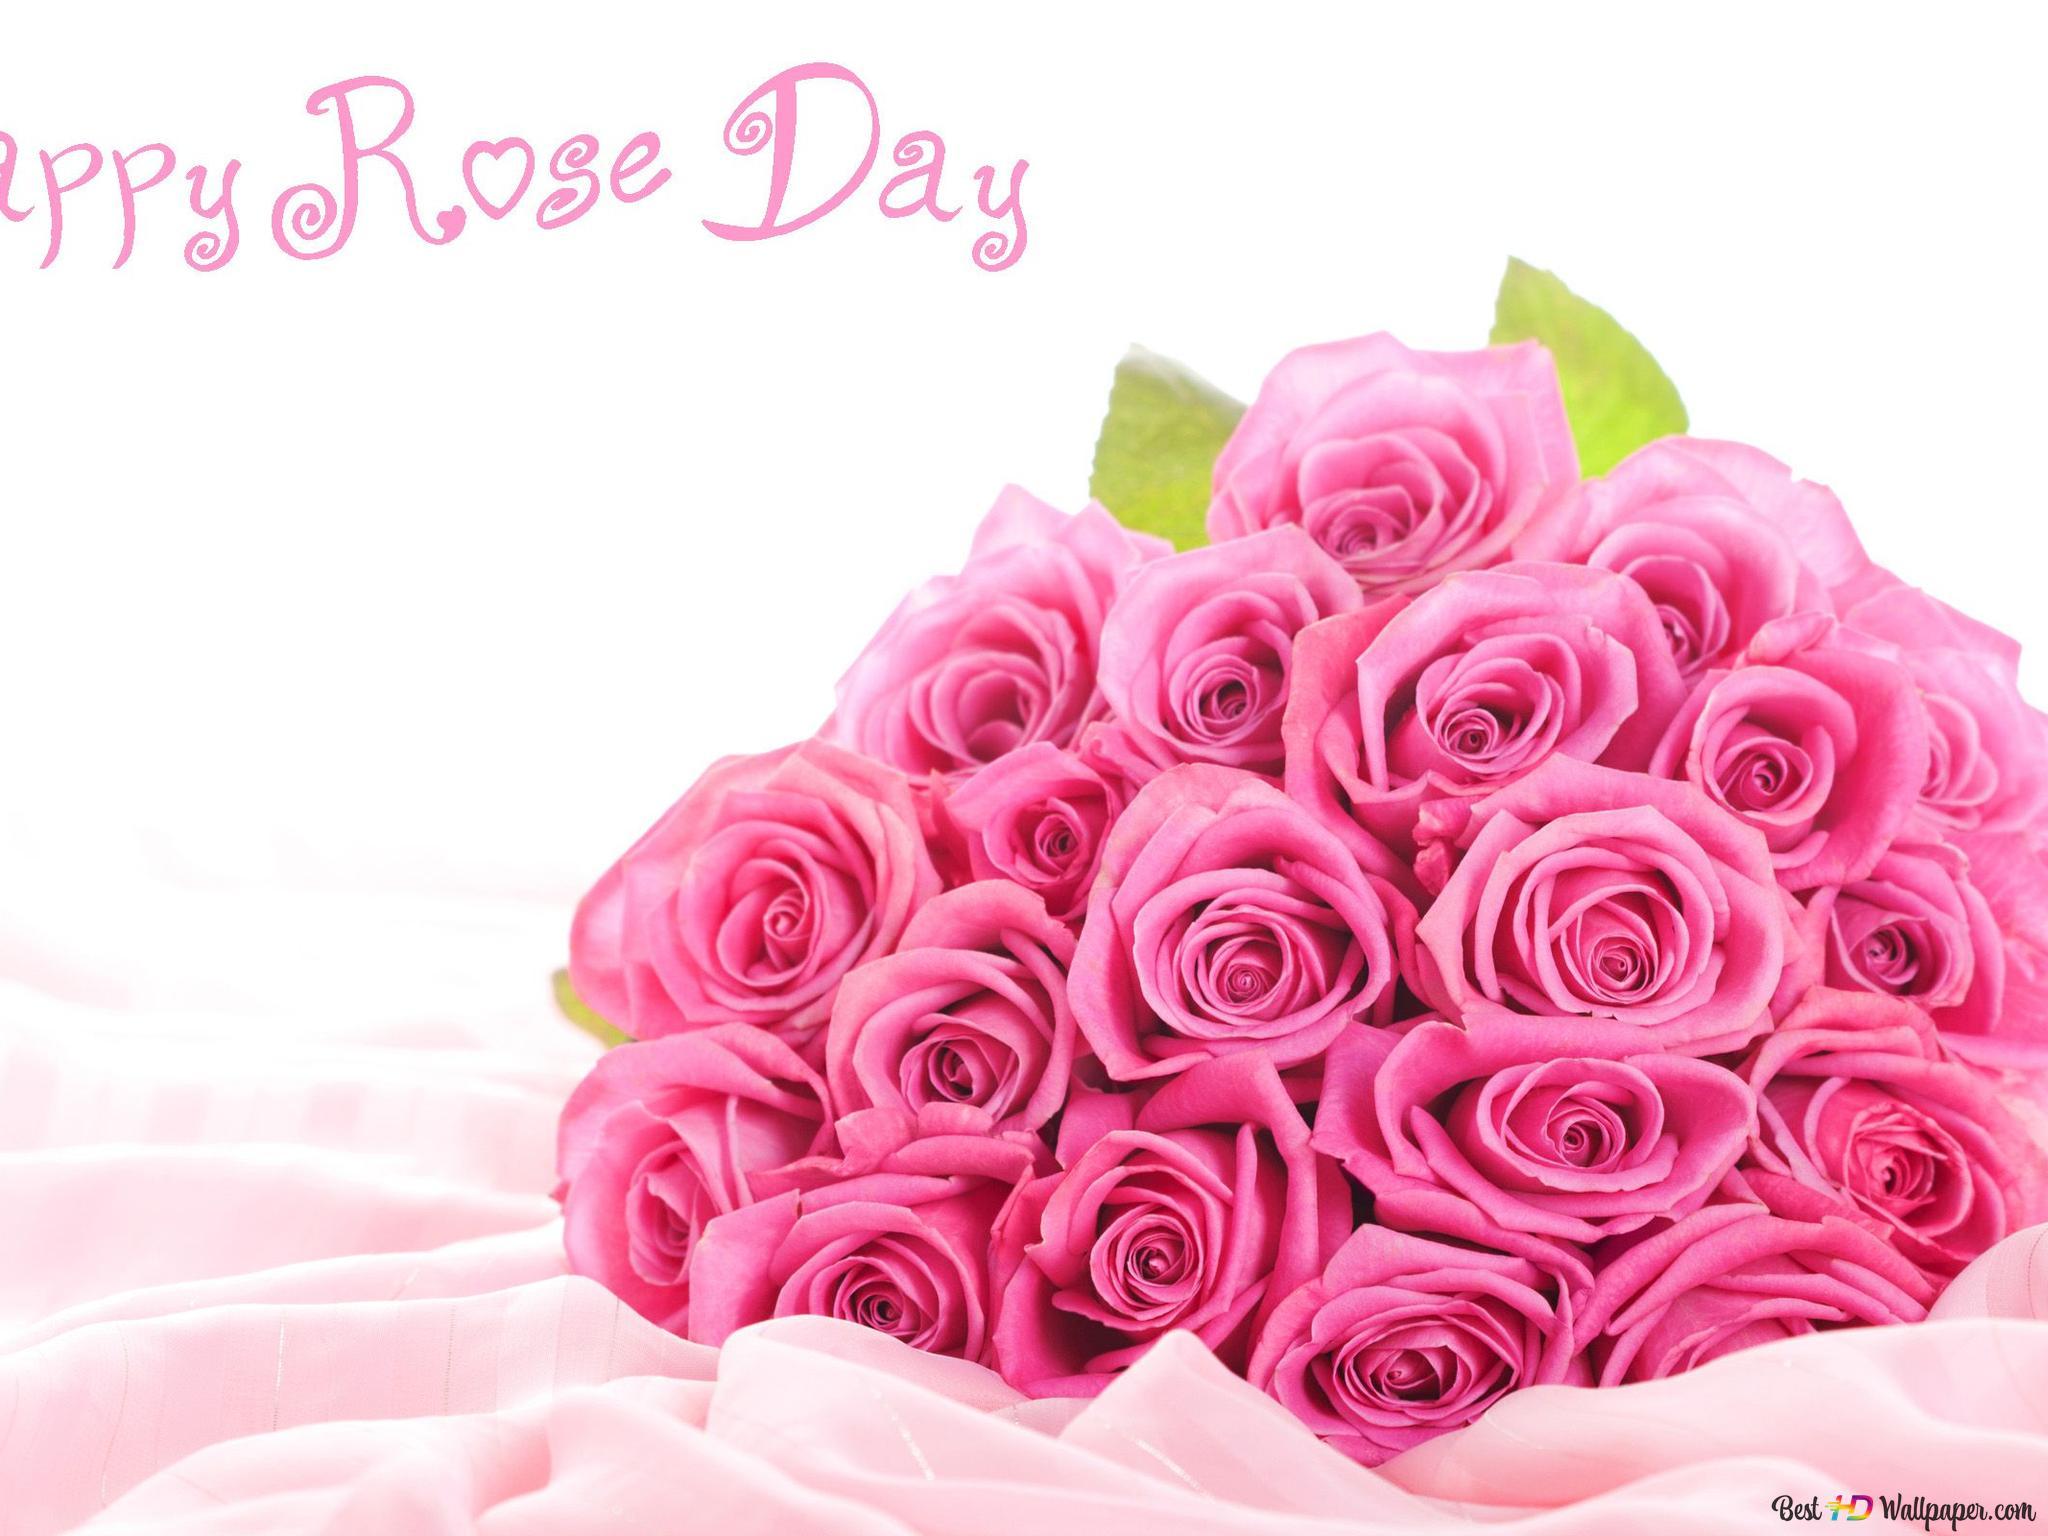 バレンタインデー ピンクの花束をバラ Hd壁紙のダウンロード